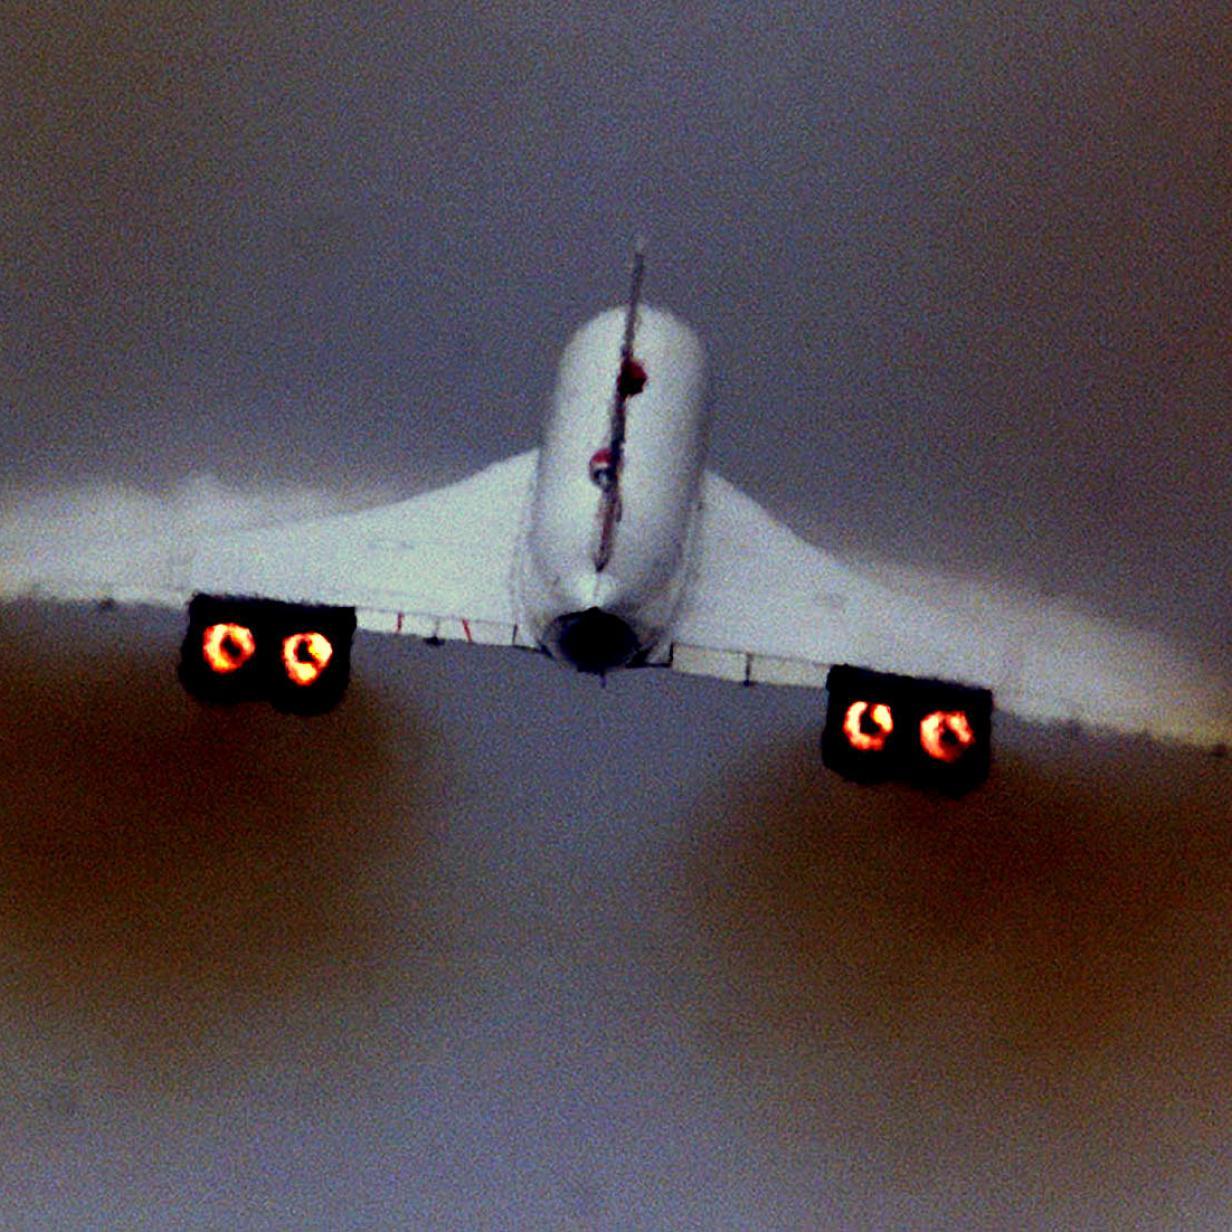 Concorde-Triebwerk kann auf Ebay ersteigert werden